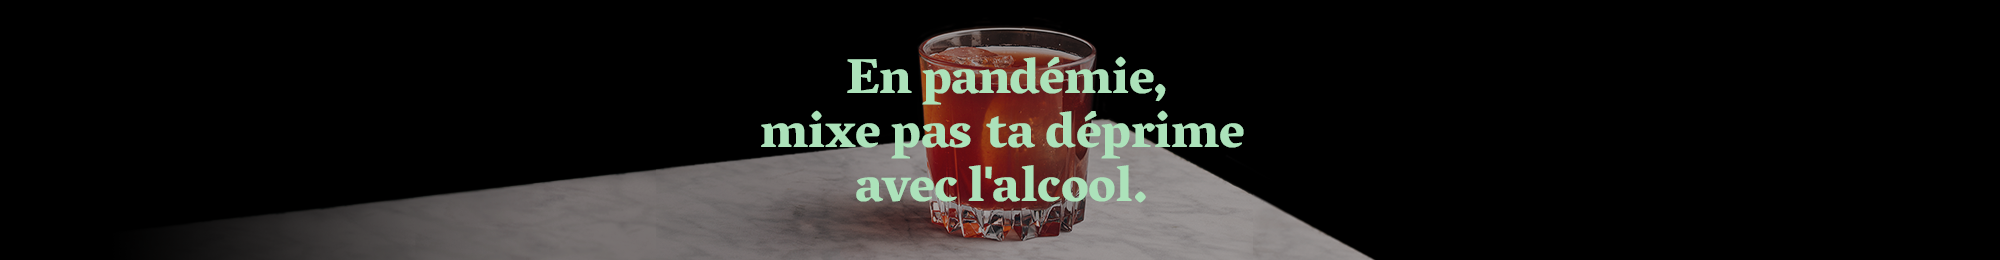 En pandémie, mixe pas ta déprime avec l'alcool.